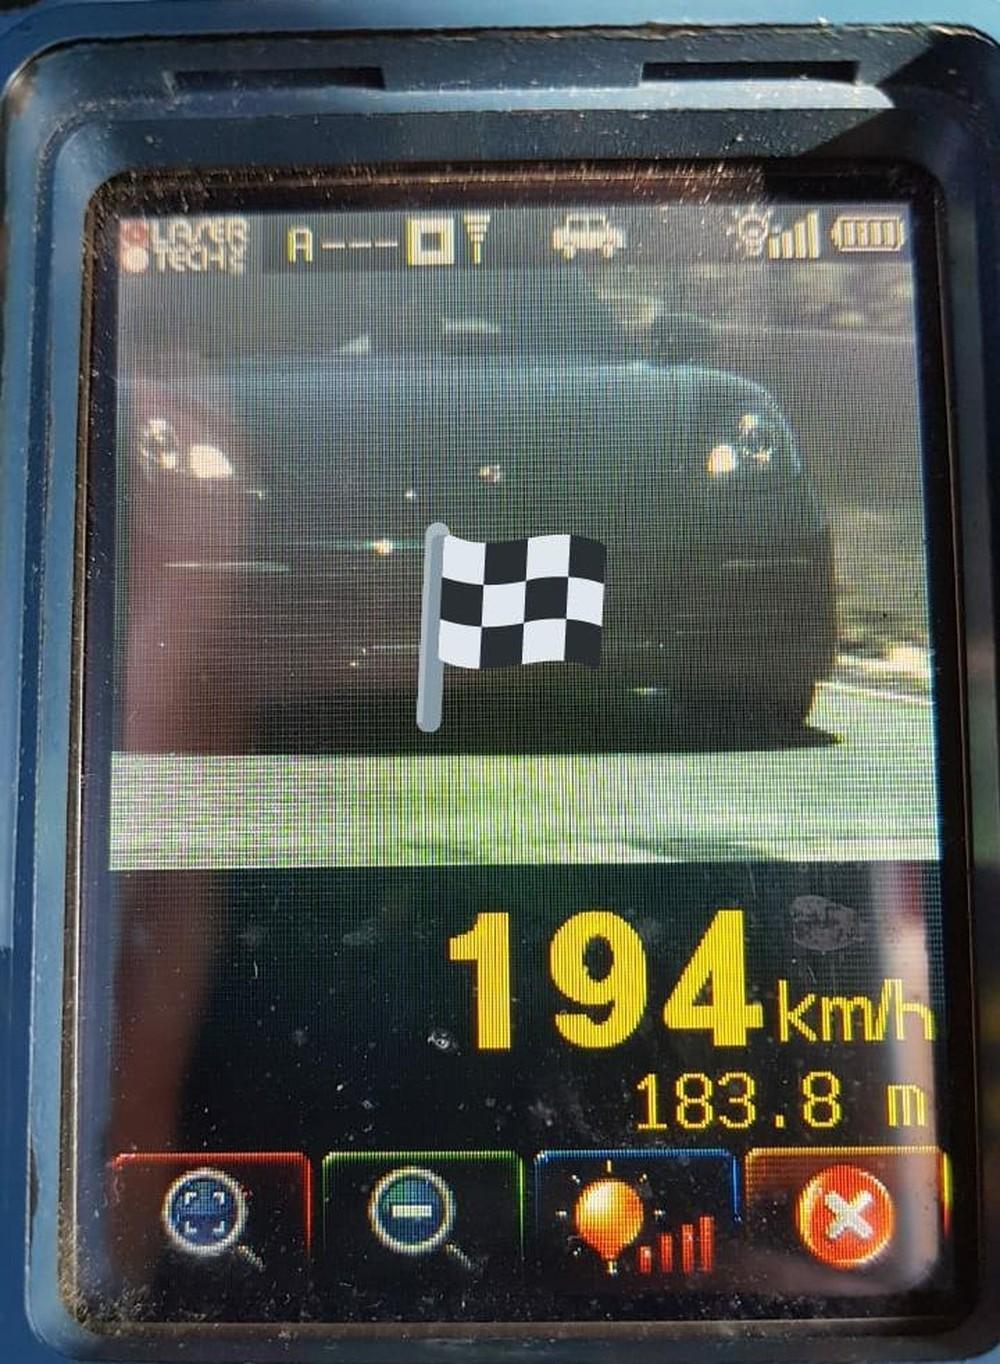 Carro de luxo é flagrado a mais de 190 km/h em estrada de Florianópolis